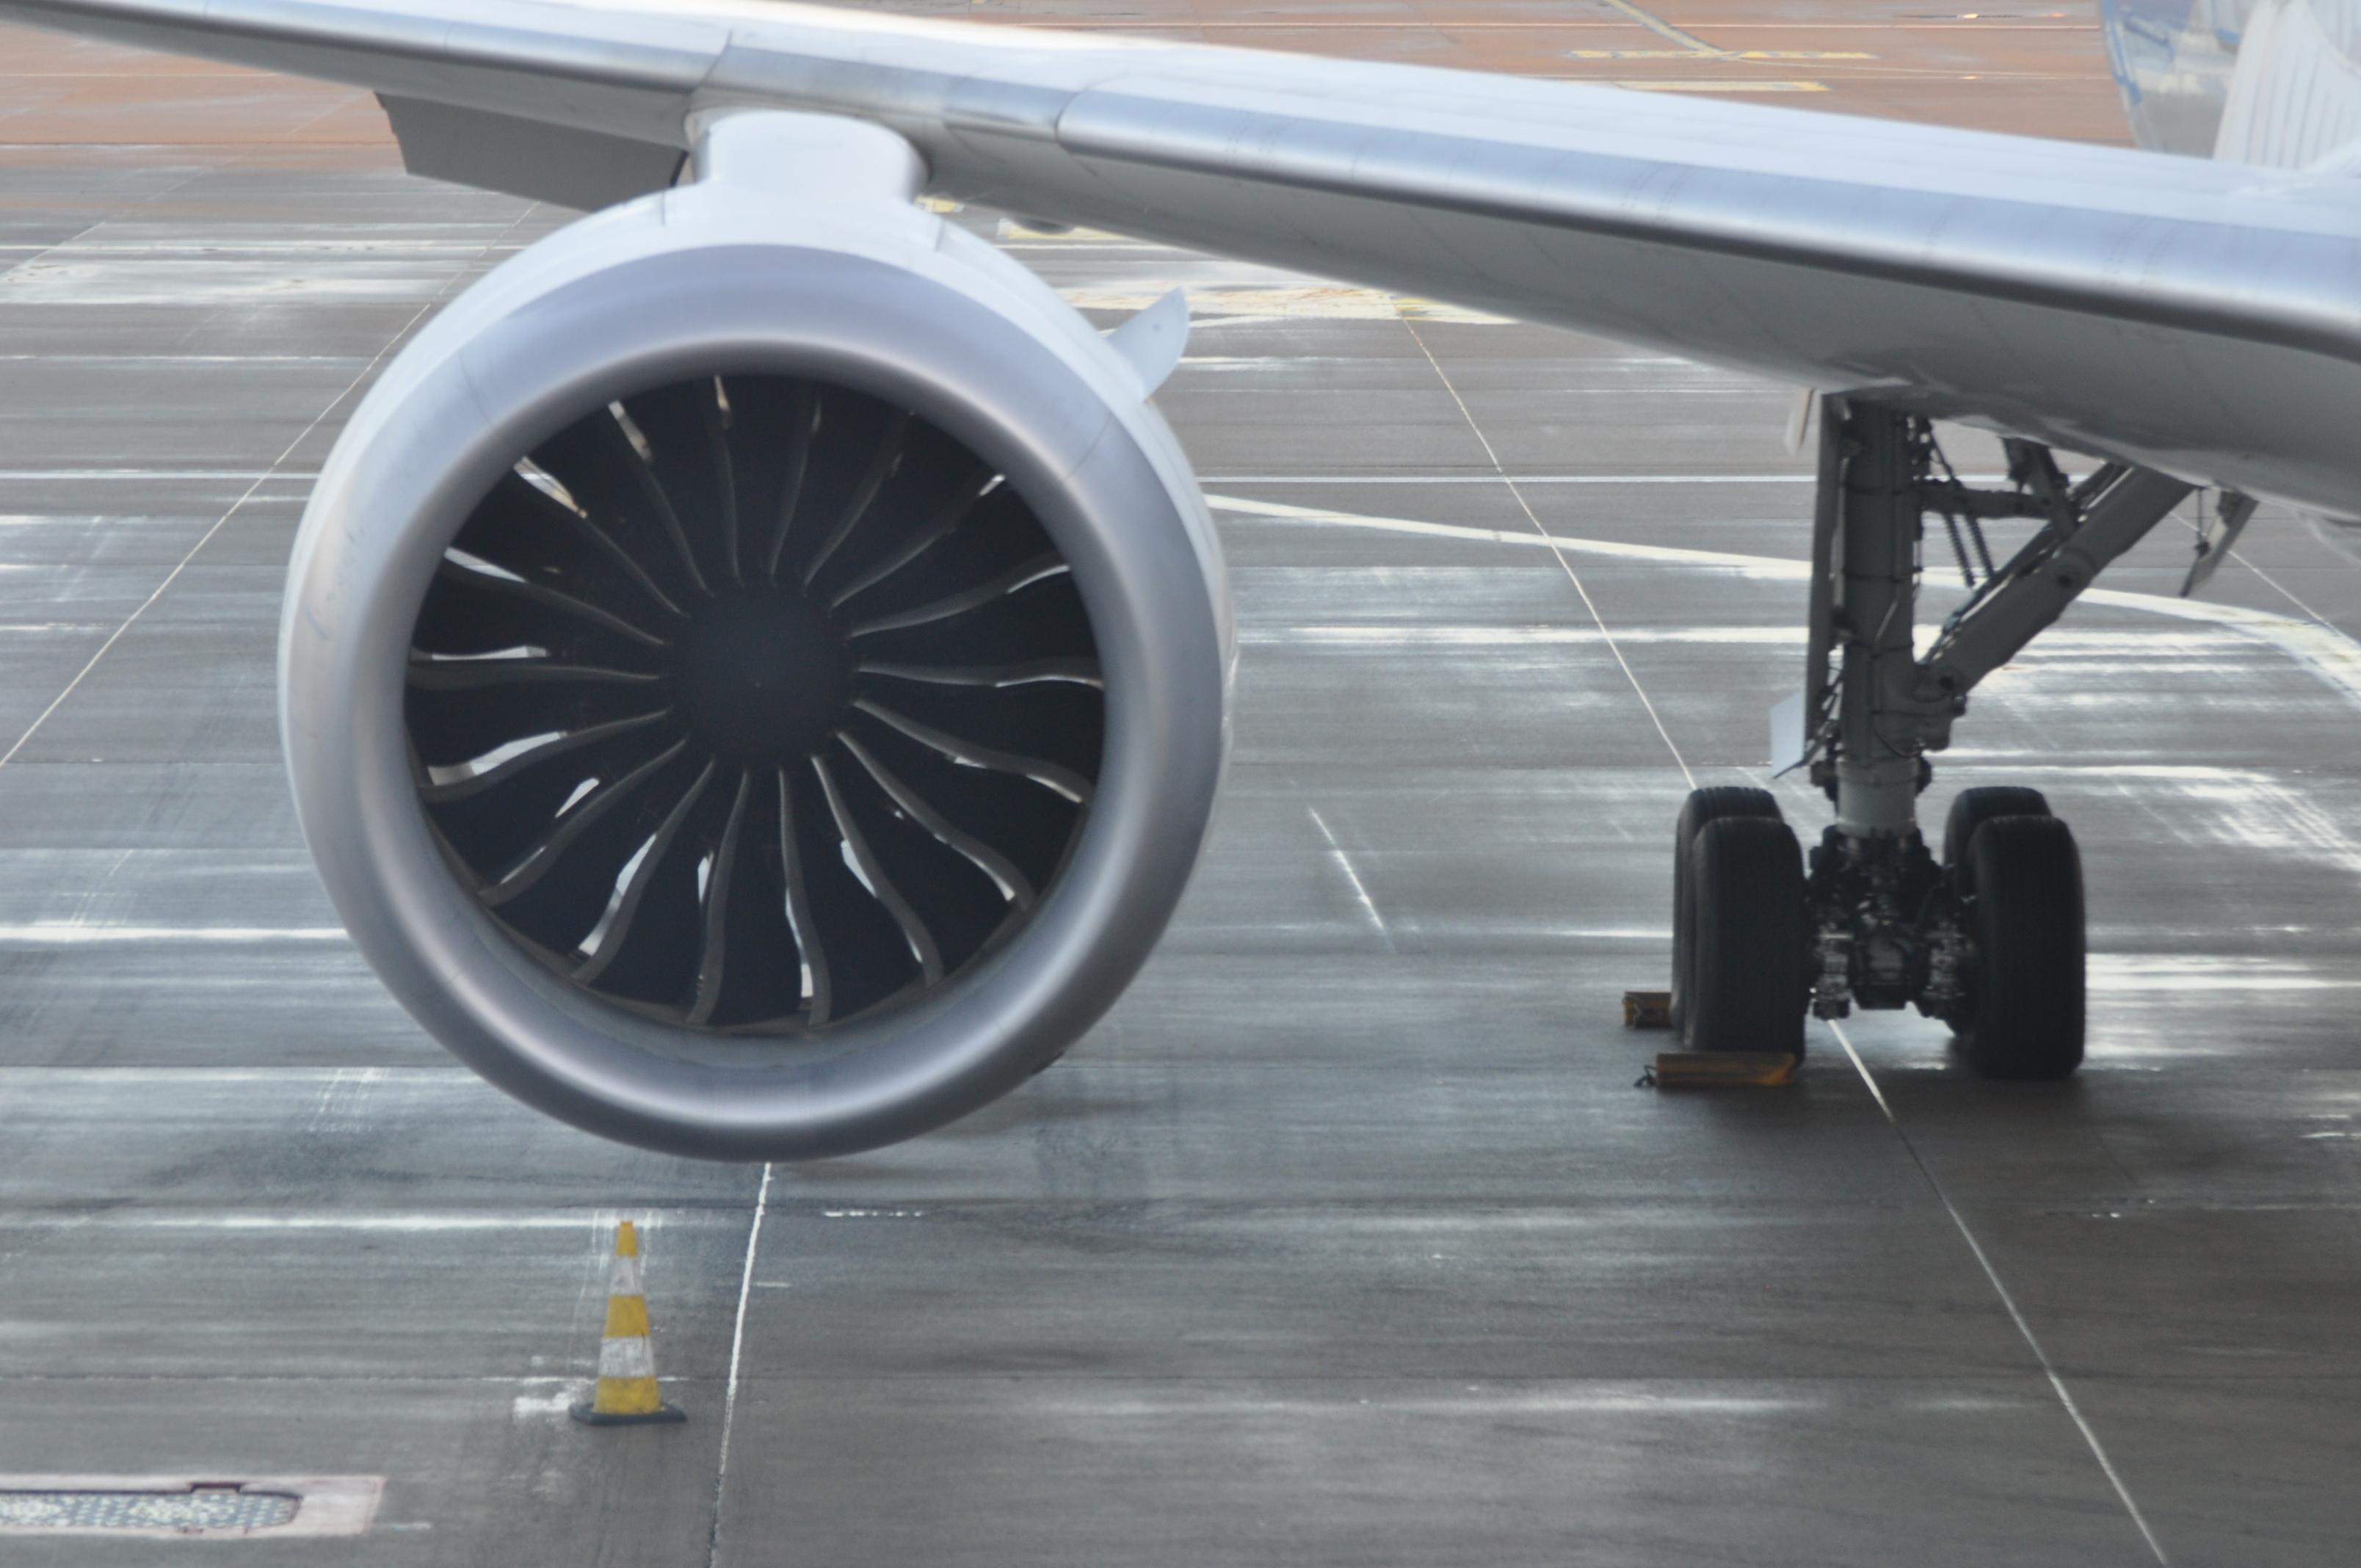 Green-Time Engines To Erase $1.75 Billion in MRO